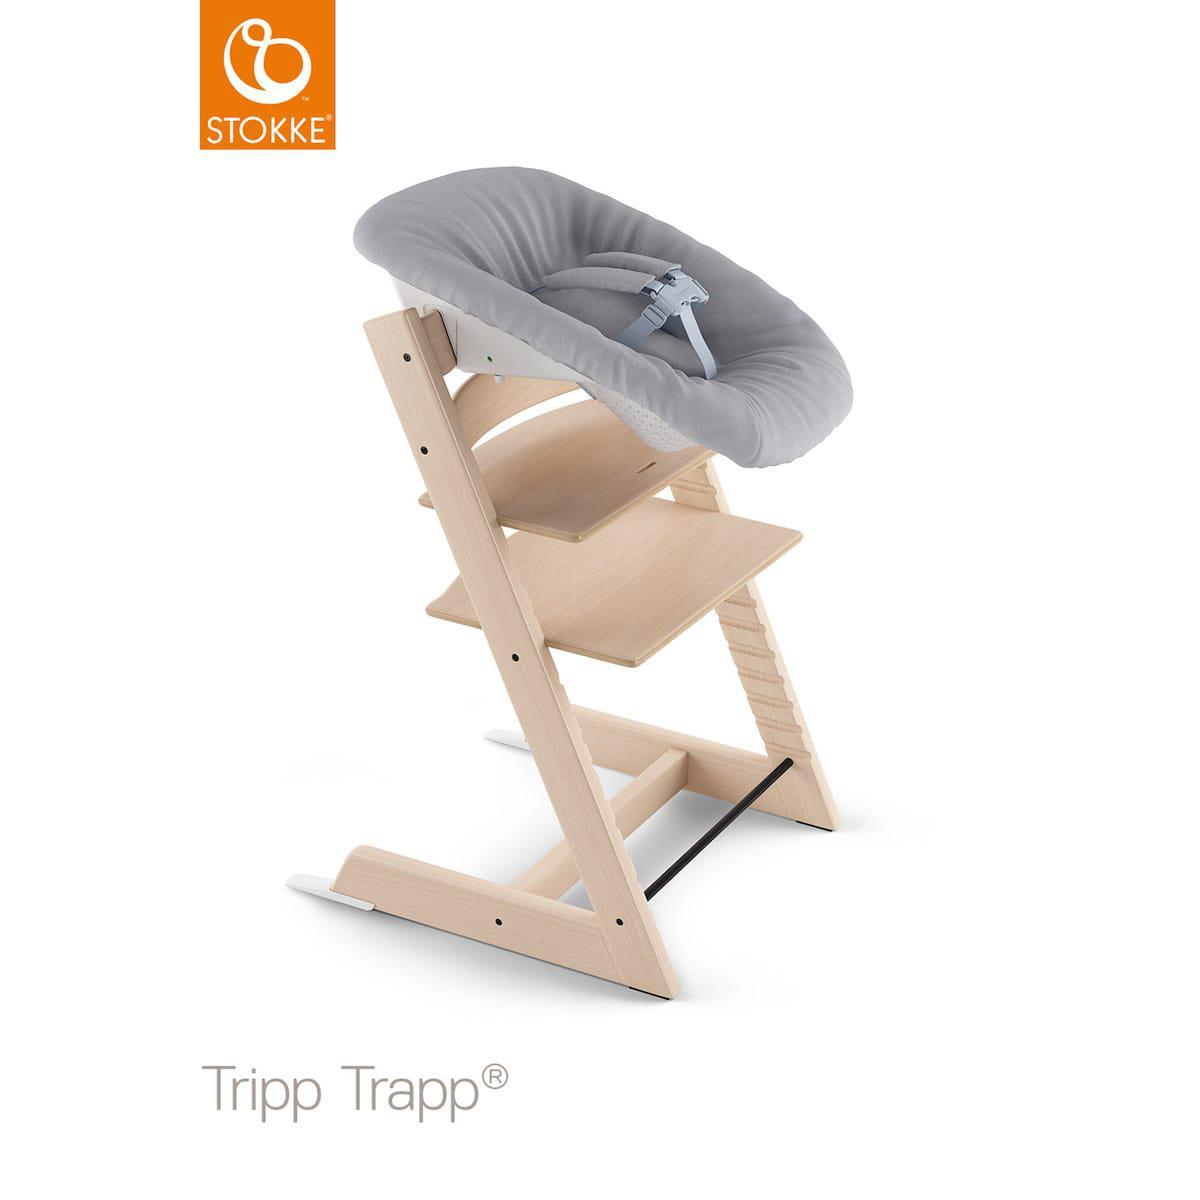 Wippe Neugeborenen Set TRIPP TRAPP V2 Stokke grey